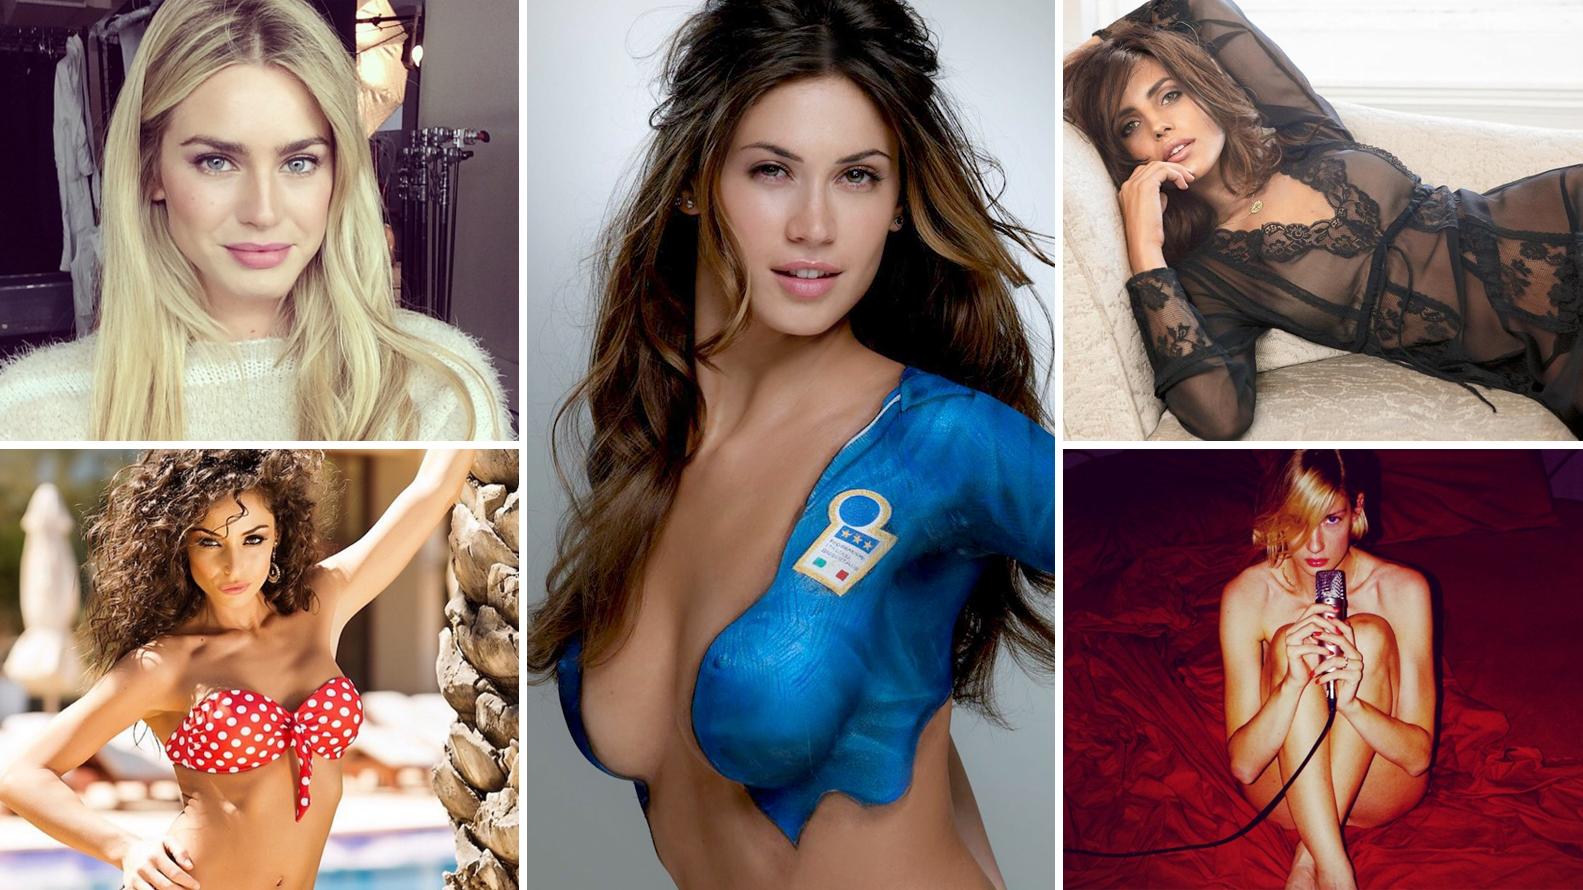 Morenitas Tetonas las 12 modelos italianas más sensuales de las redes sociales